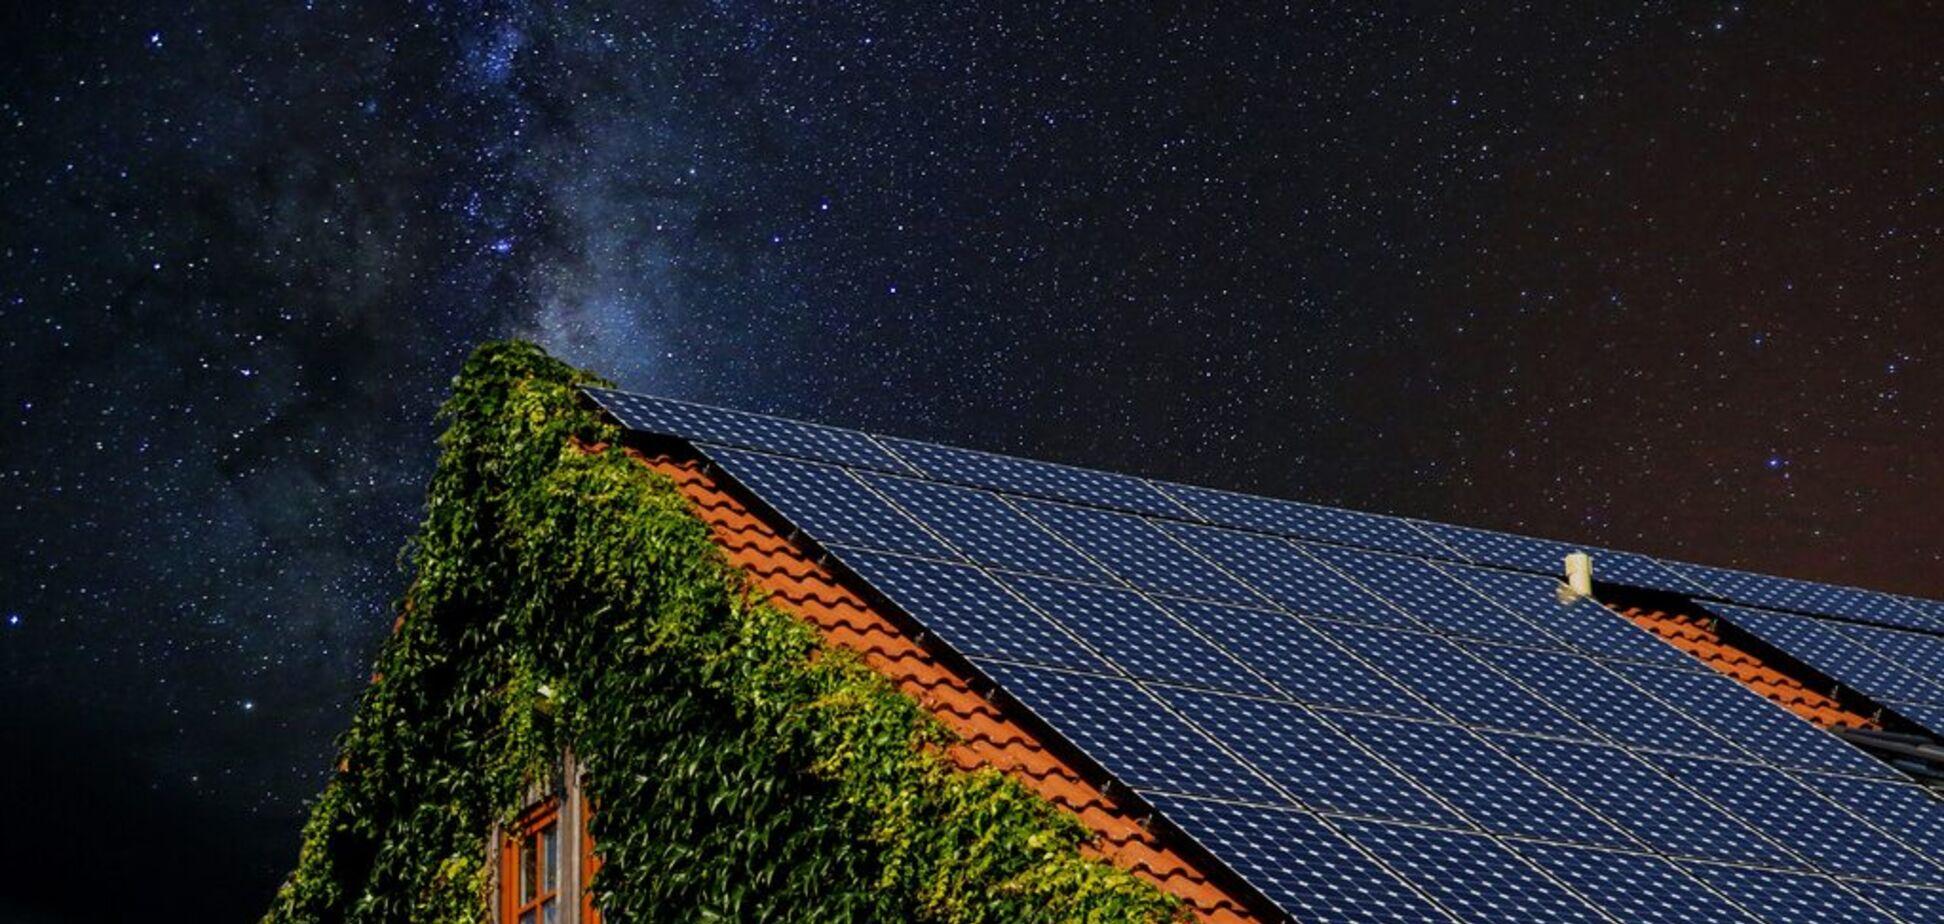 Работают даже ночью: в США создали солнечные панели нового типа